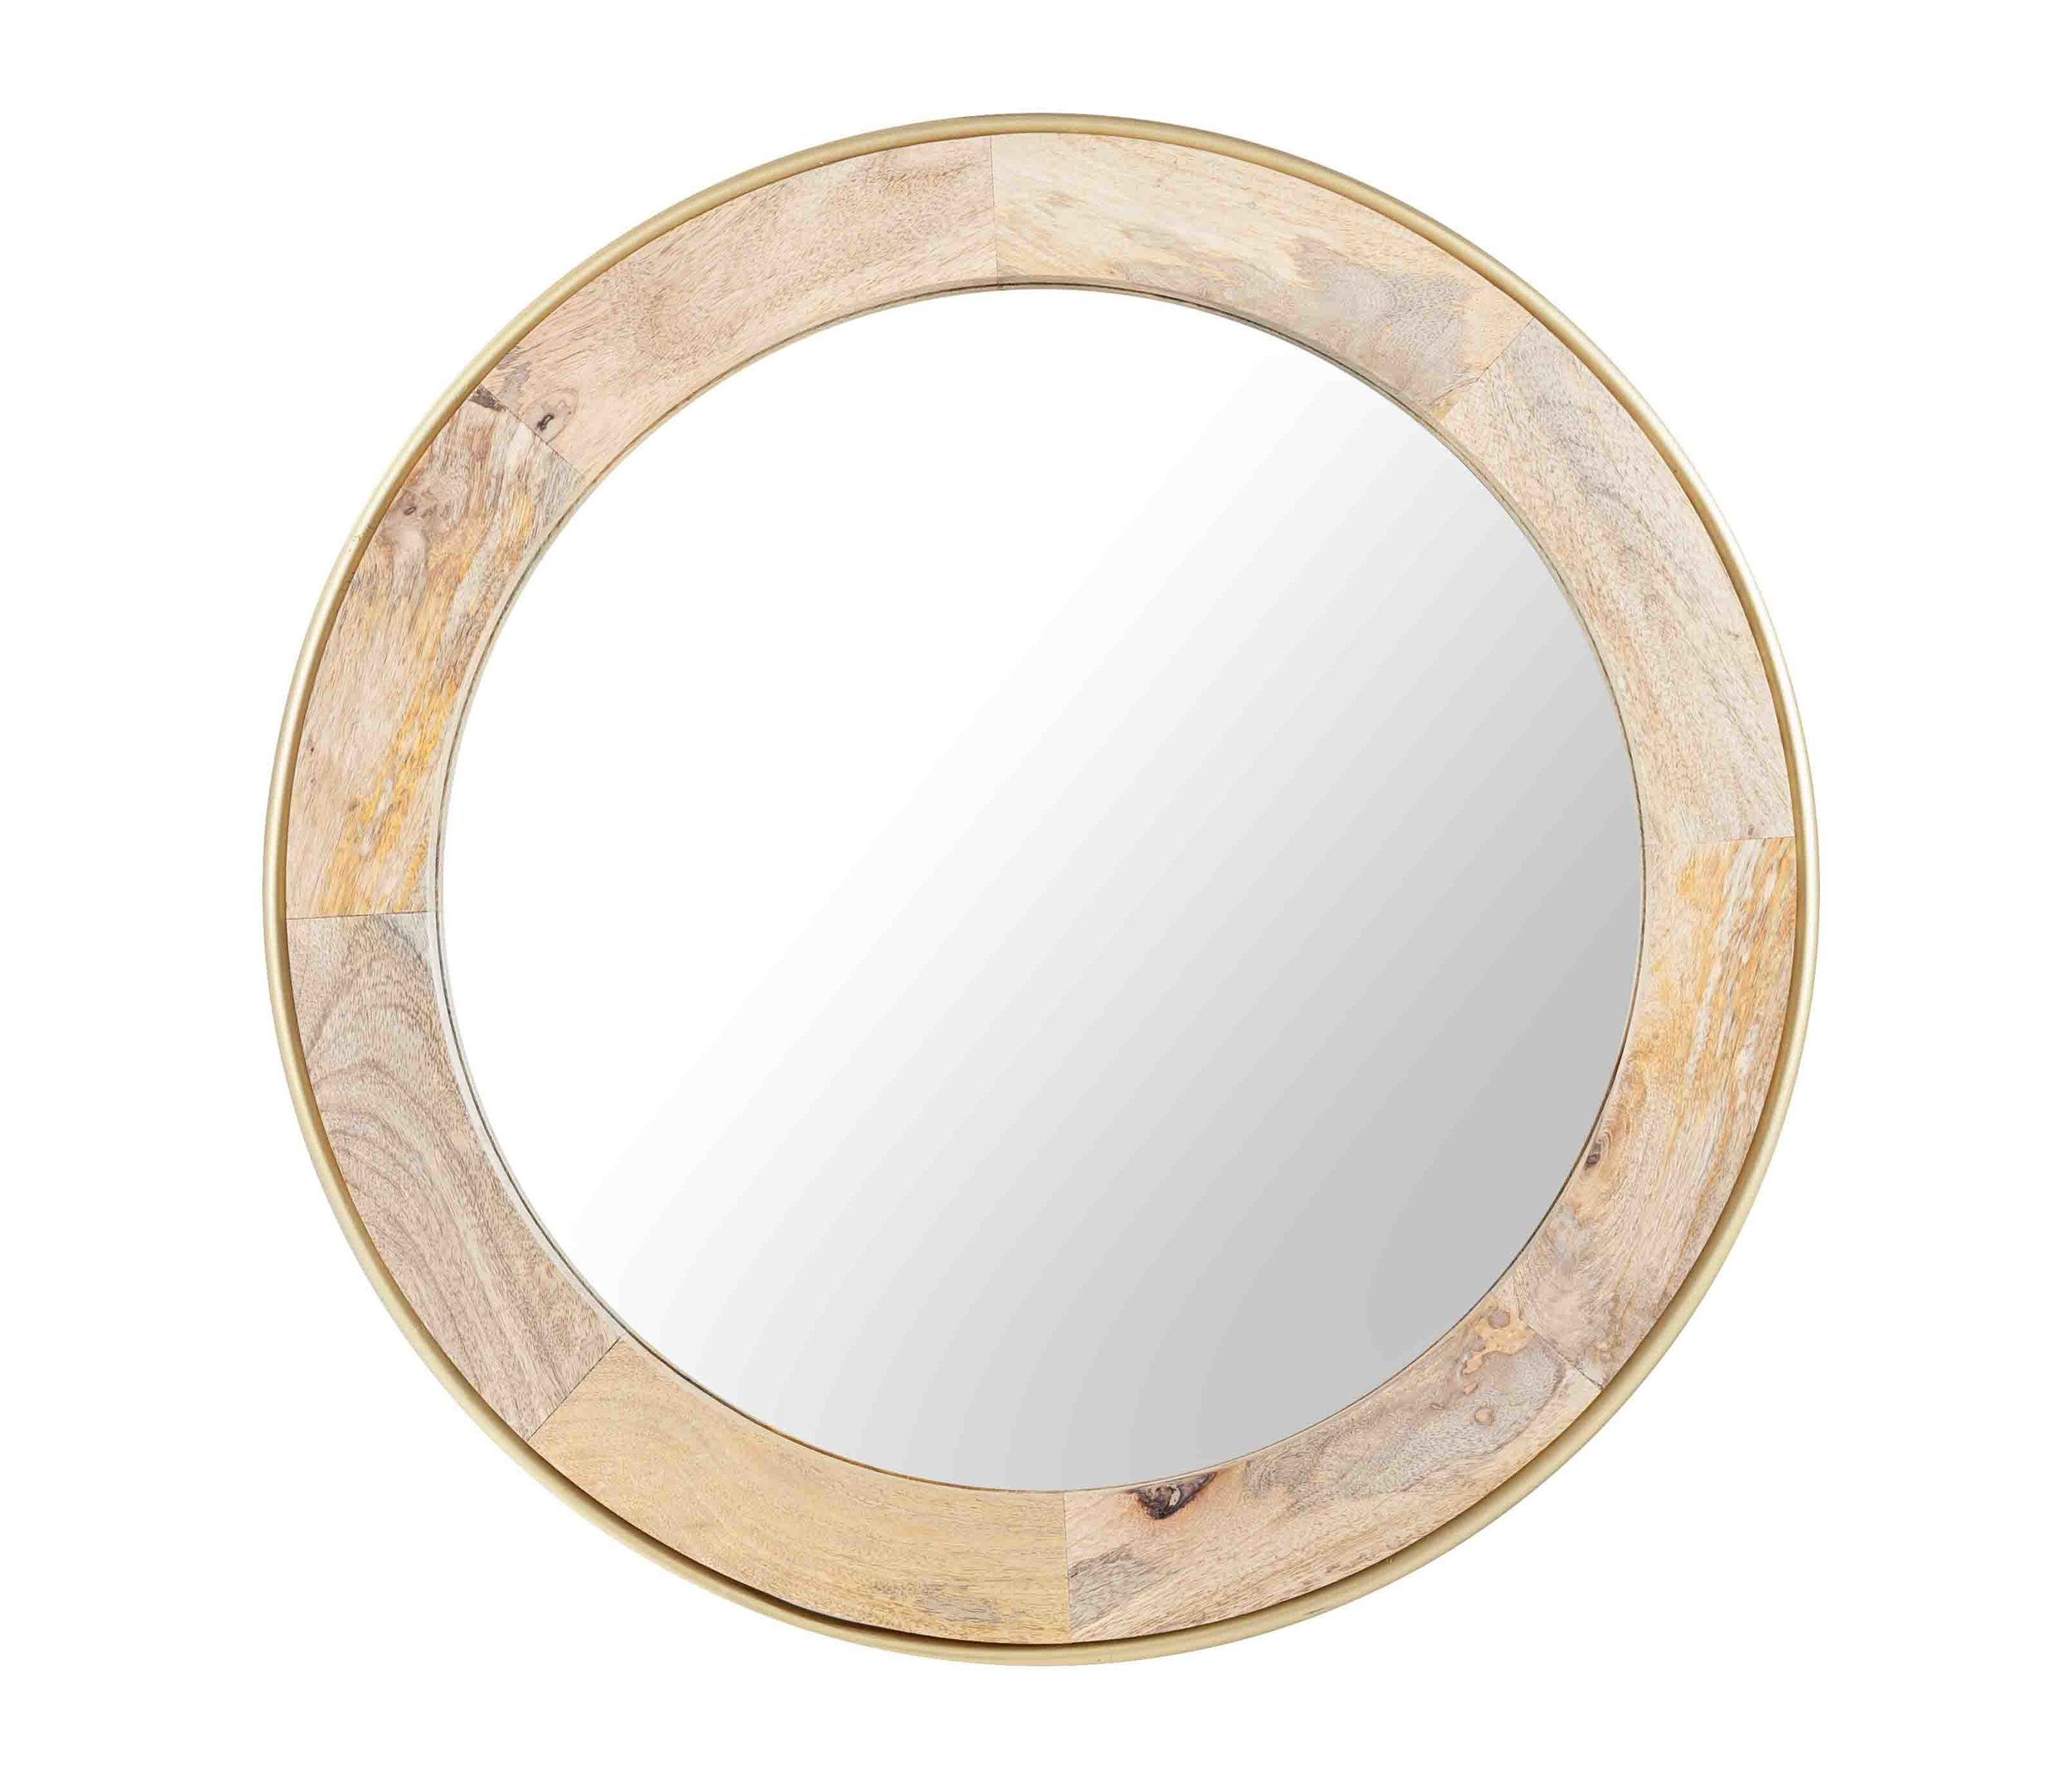 Toshi Wooden Mirror.jpg